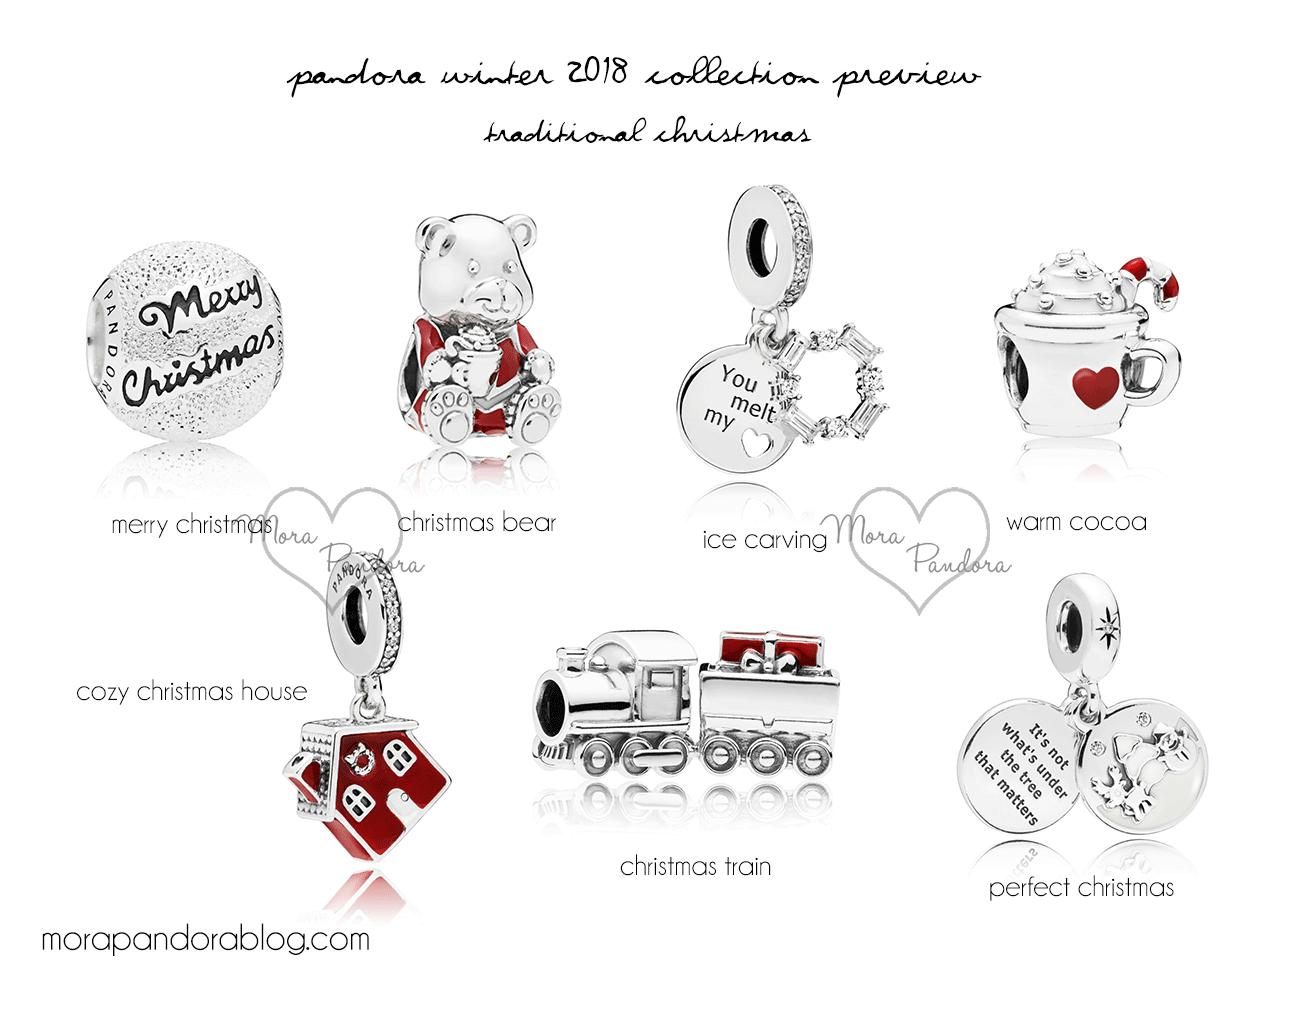 Pandora Winter Collection Preview